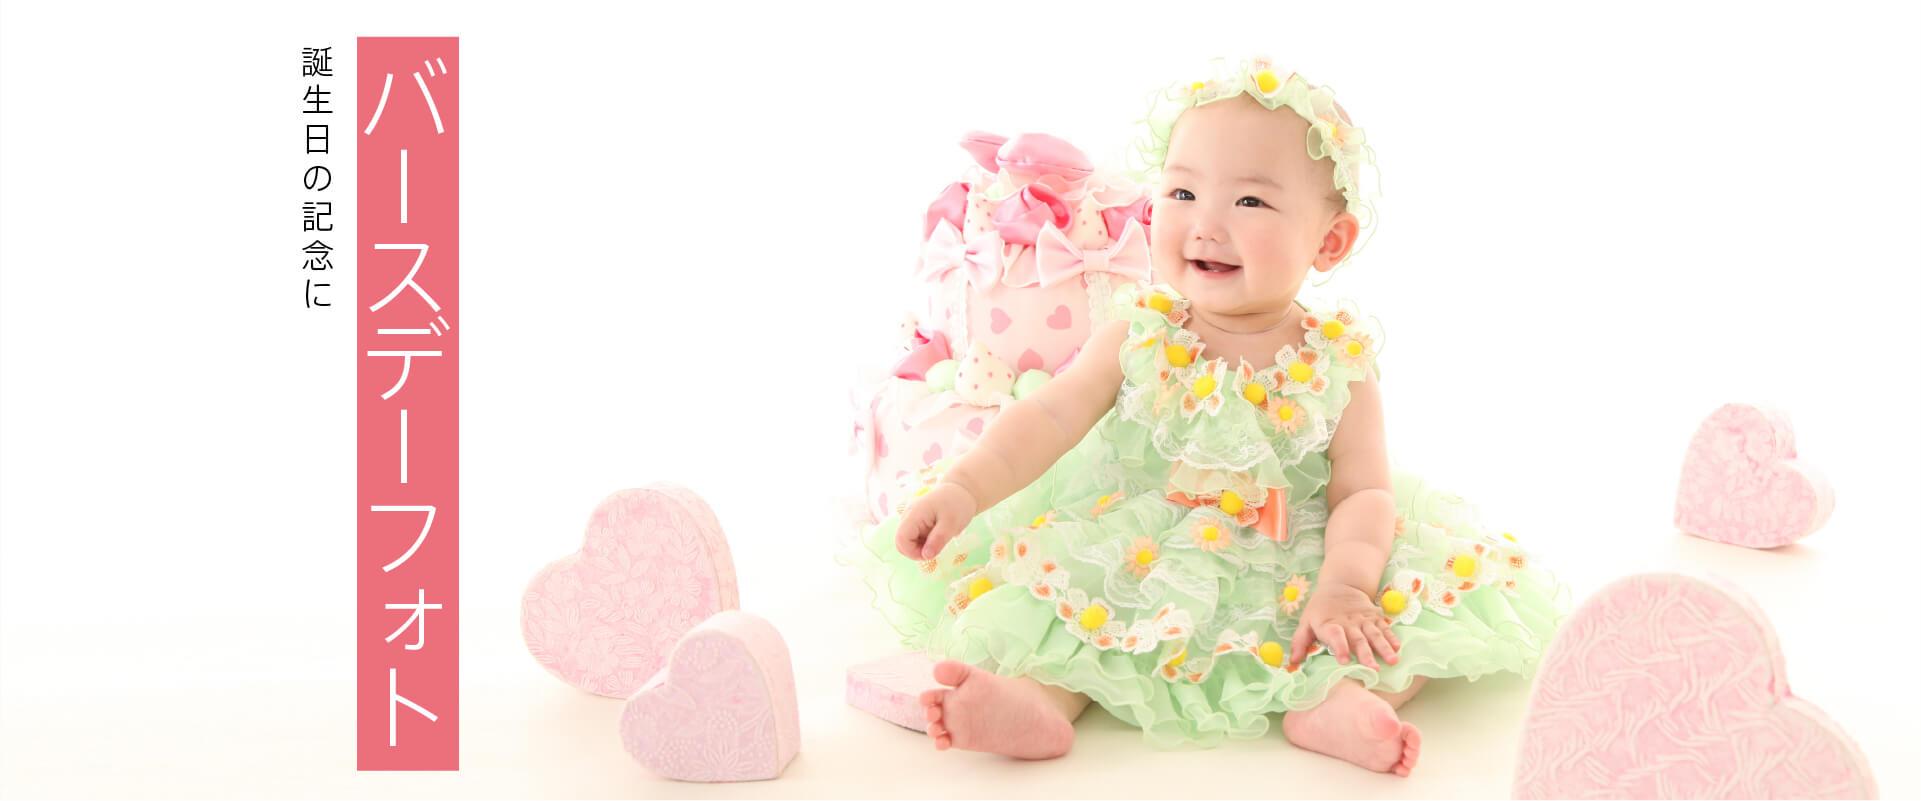 黄色の衣装を着た赤ちゃん